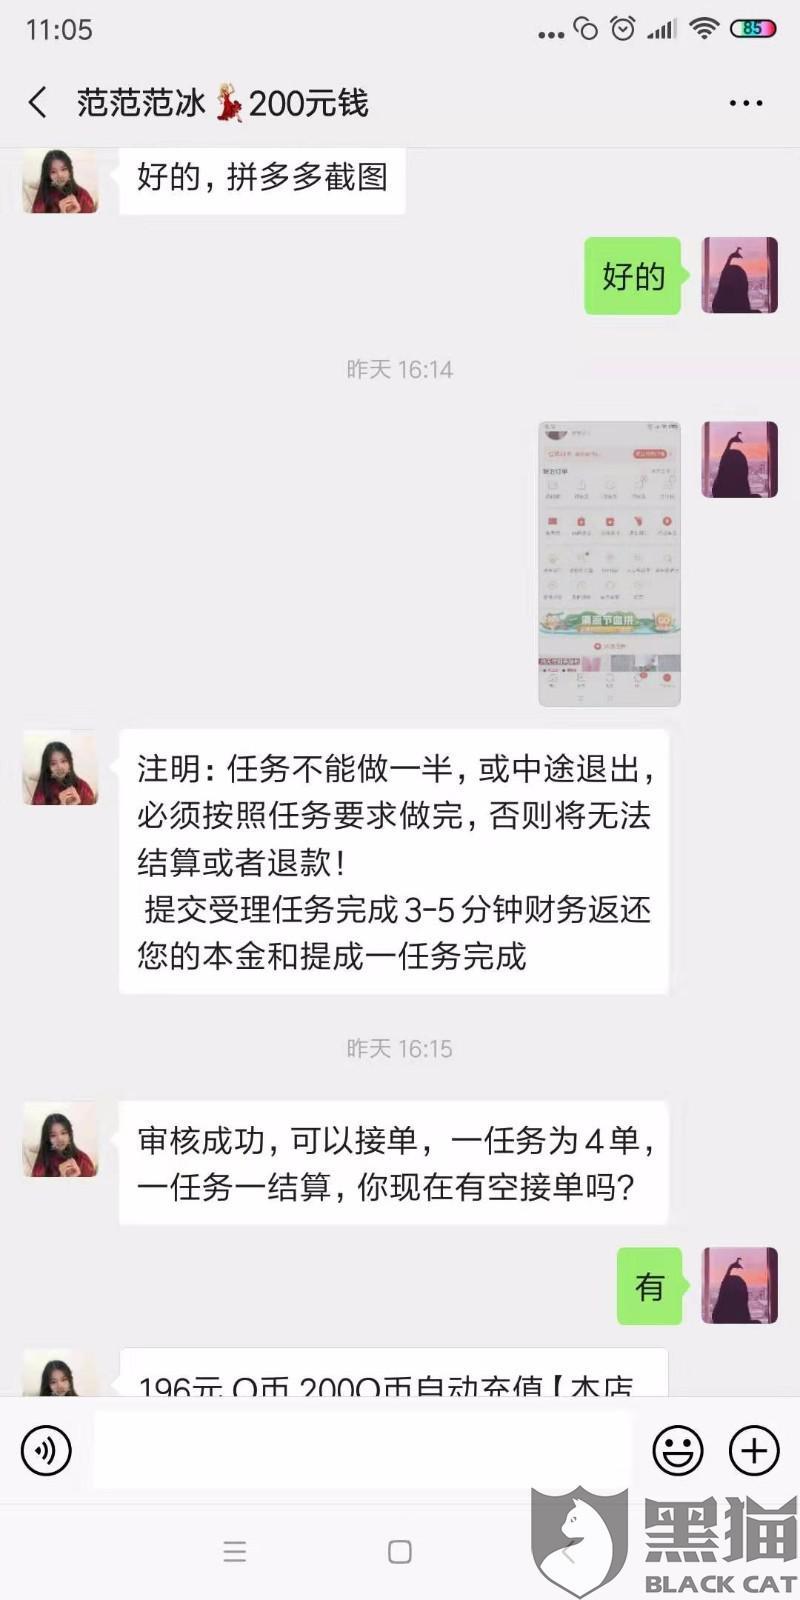 黑猫投诉:拼多多店铺瑞联数娱专营店以网络兼职欺诈学生钱